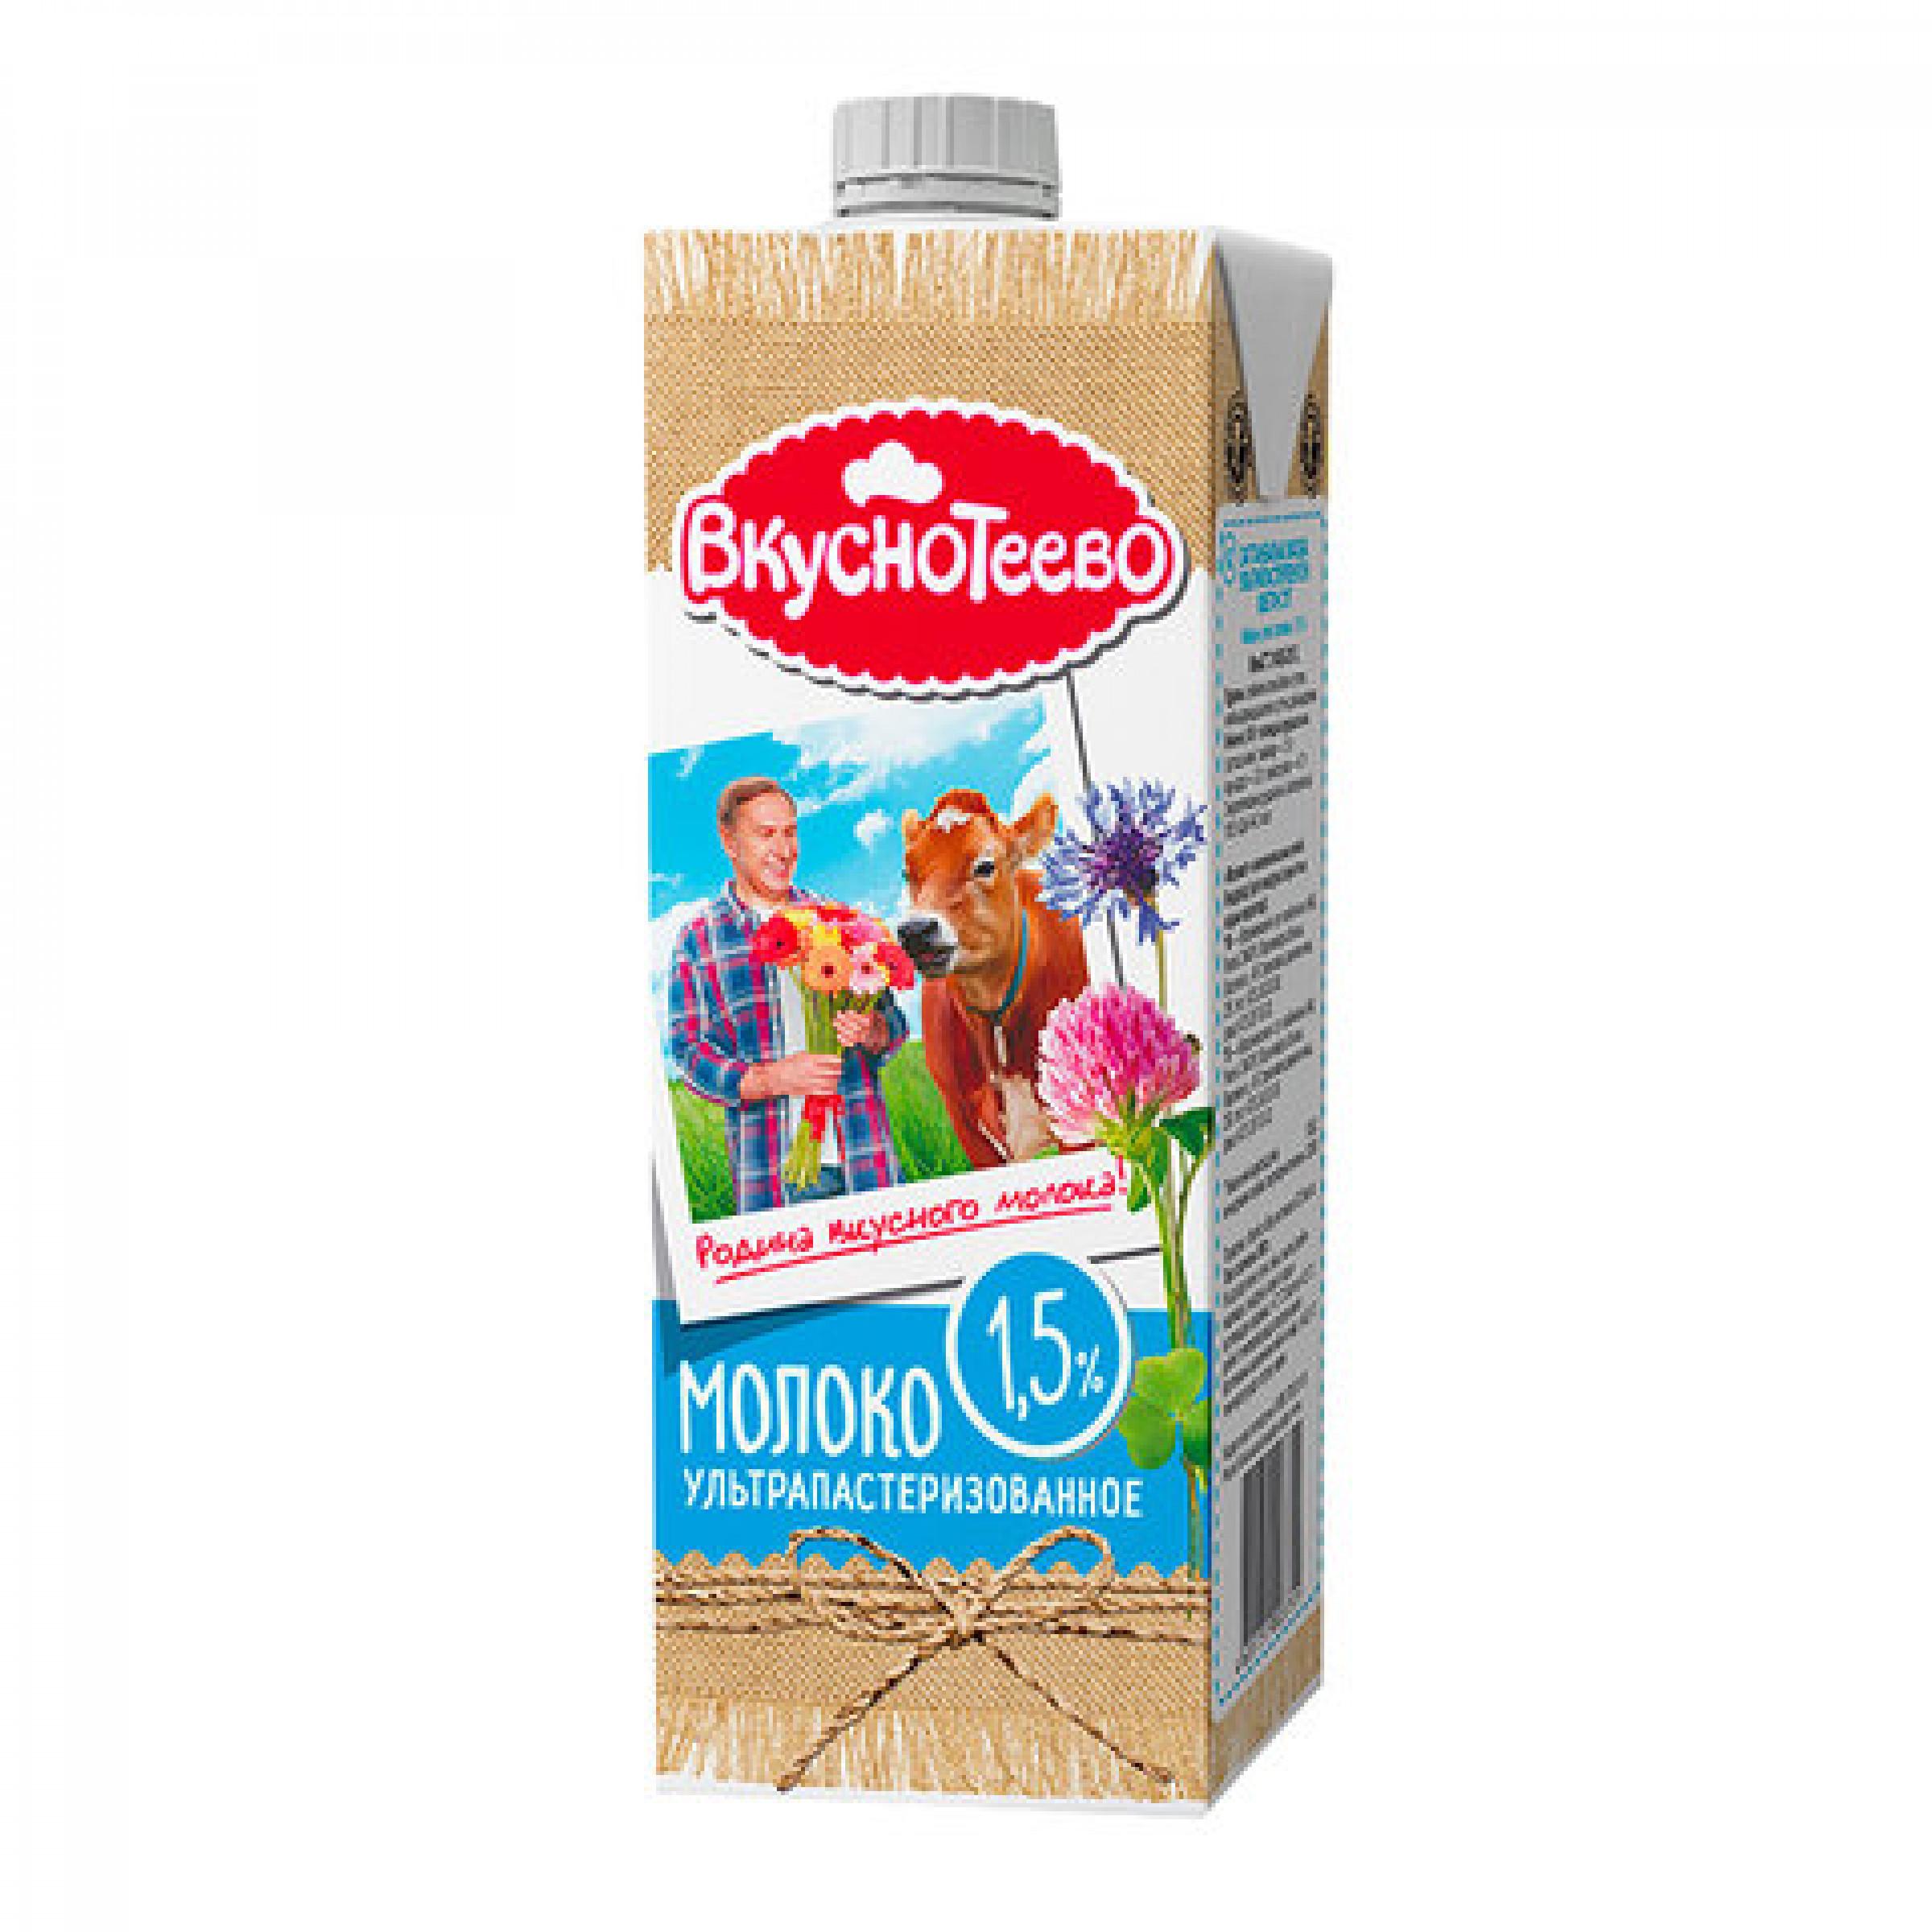 """Молоко """"Вкуснотеево"""" 1,5% ультрапастеризованное, 950 г"""